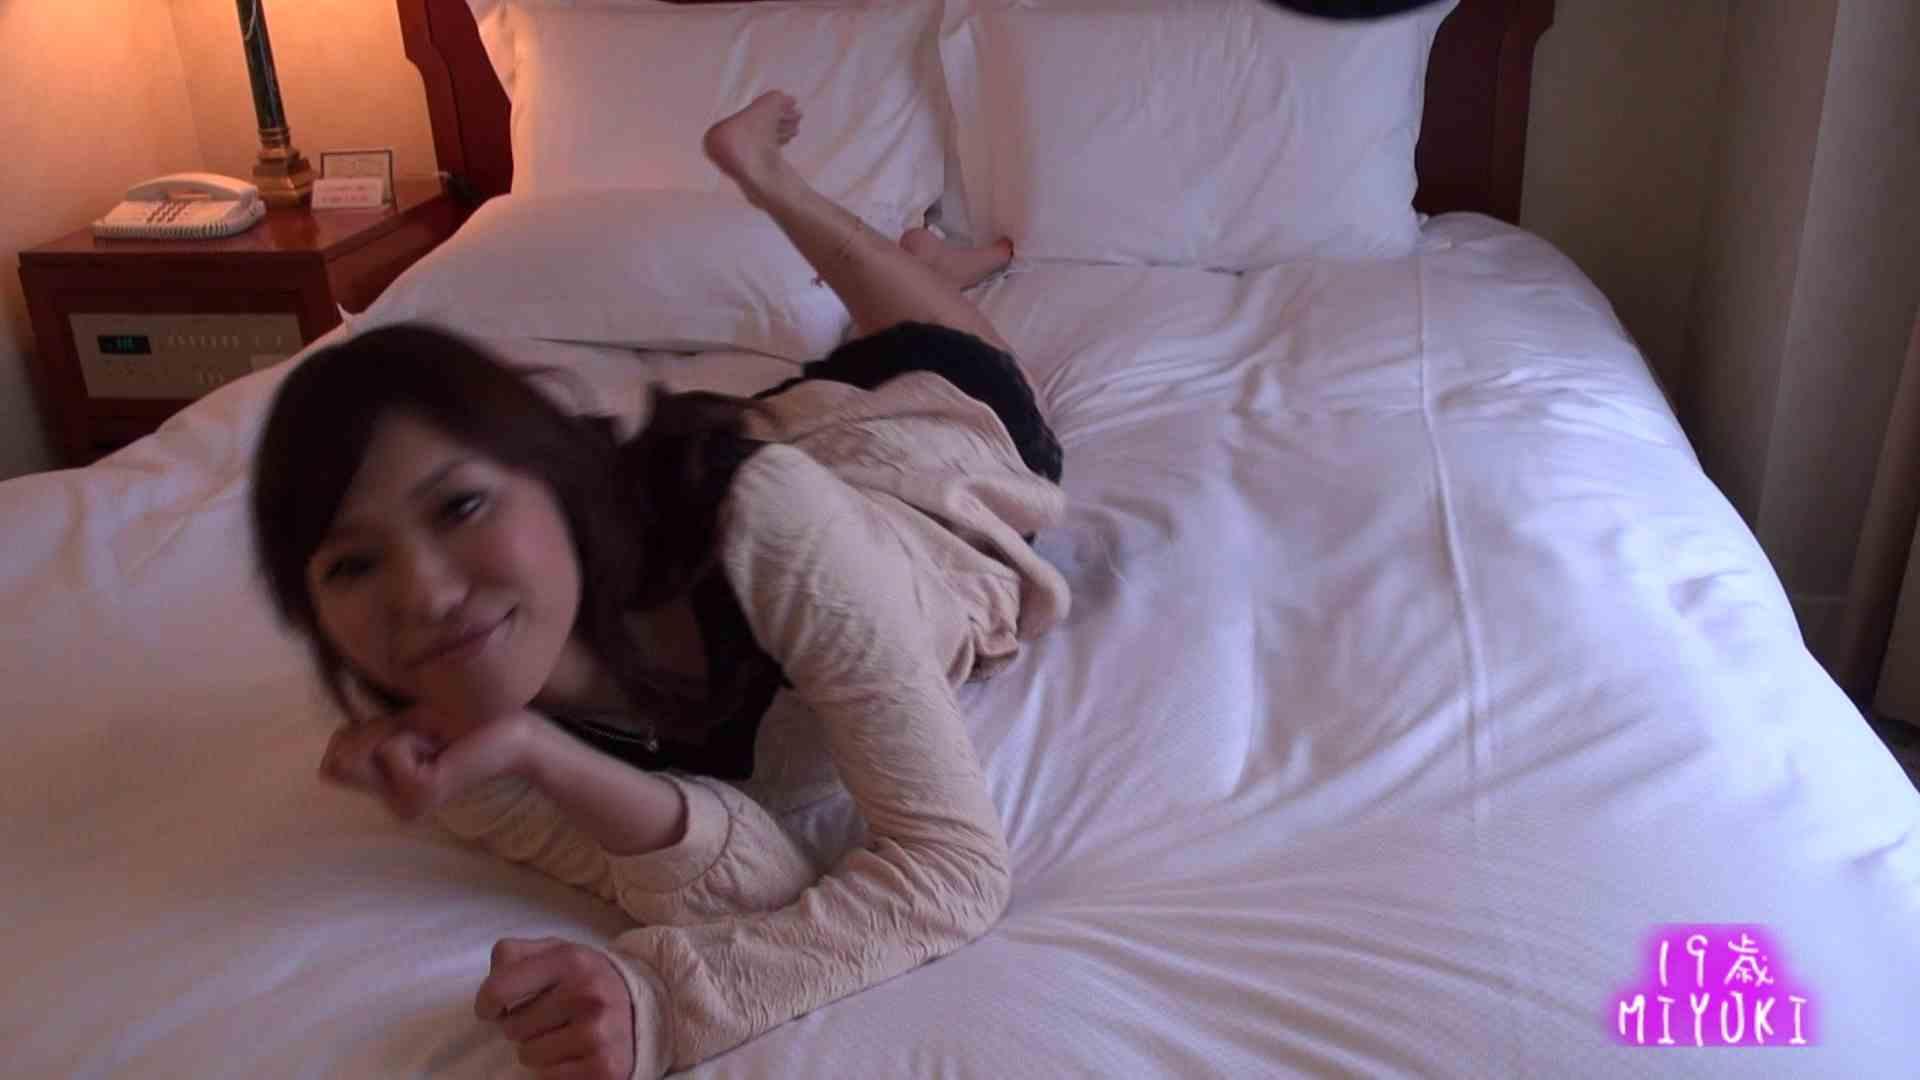 カメラテストを兼ねて、MIYUKIちゃんのイメージ撮影 メーカー直接買い取り  88連発 41